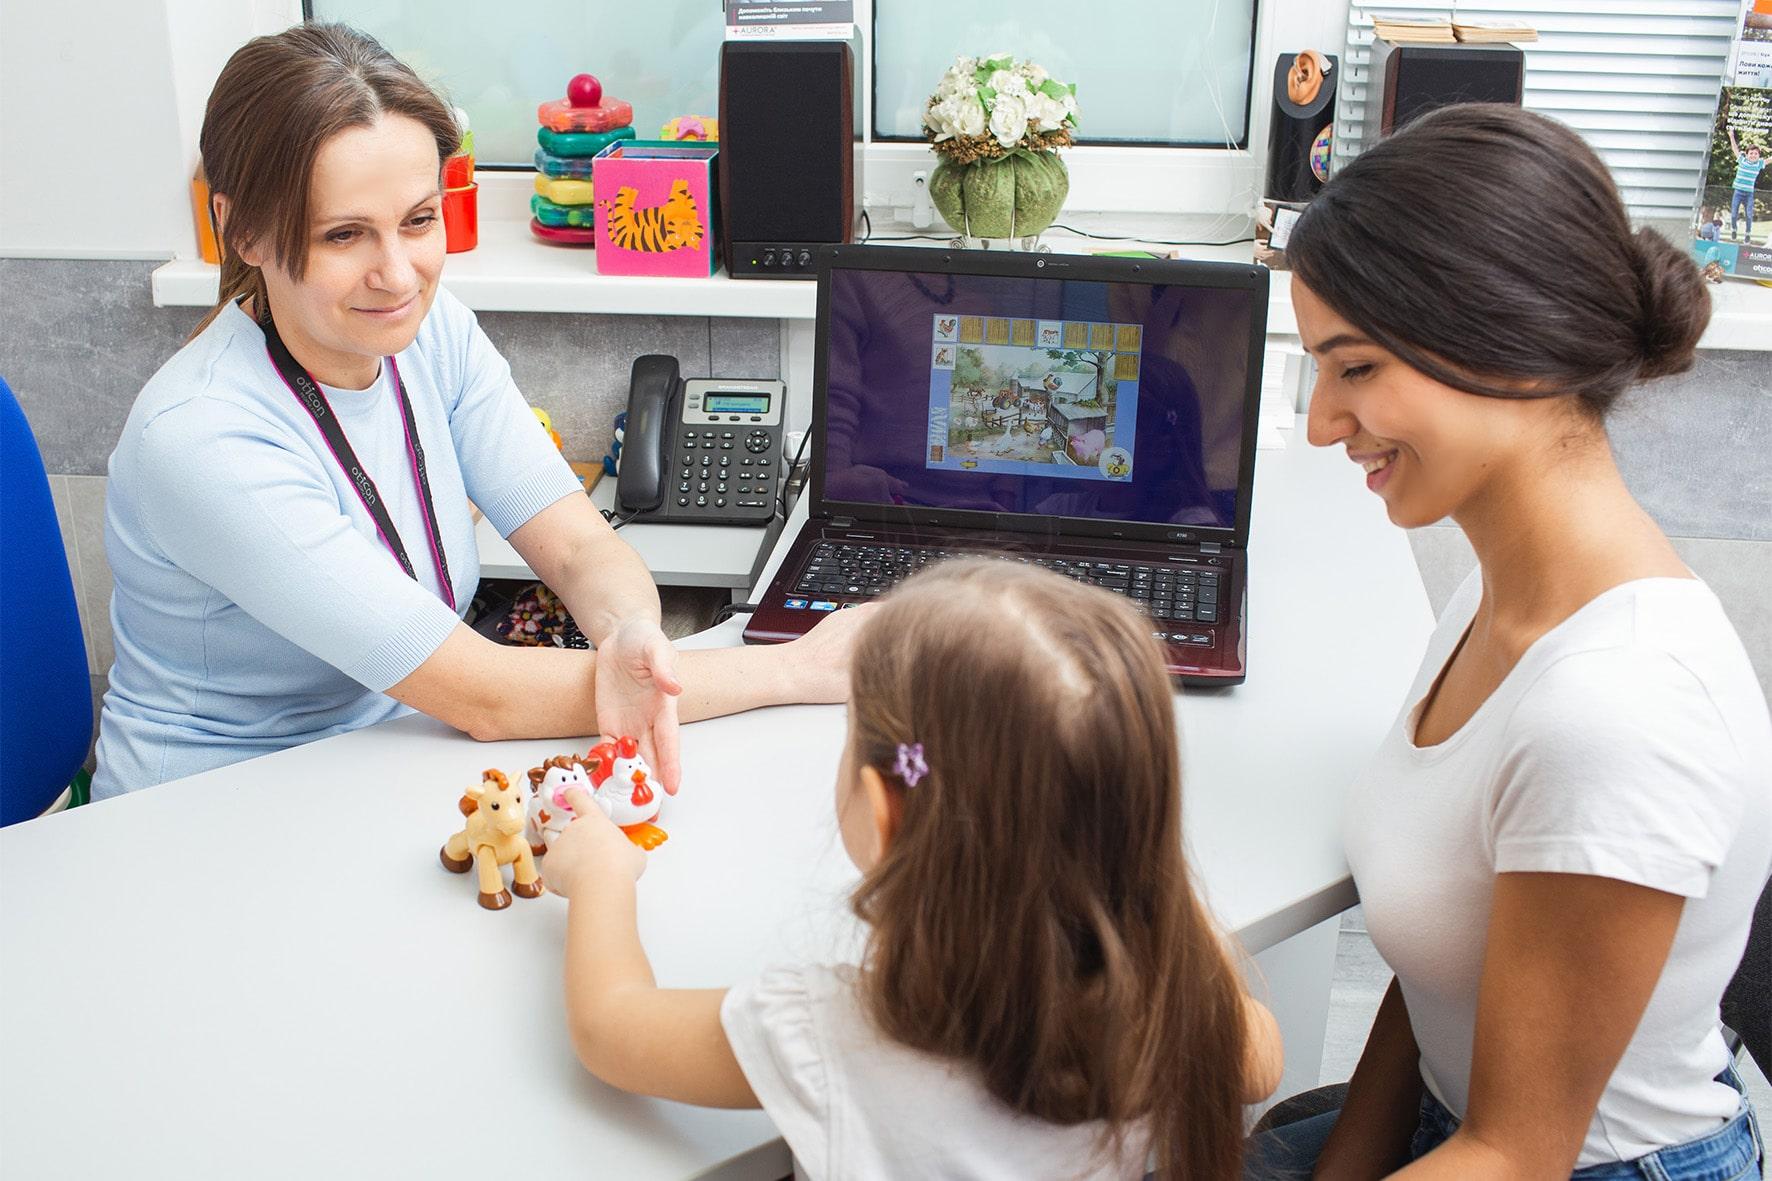 індивідуальні заняття з розвитку слухового сприймання та мовлення